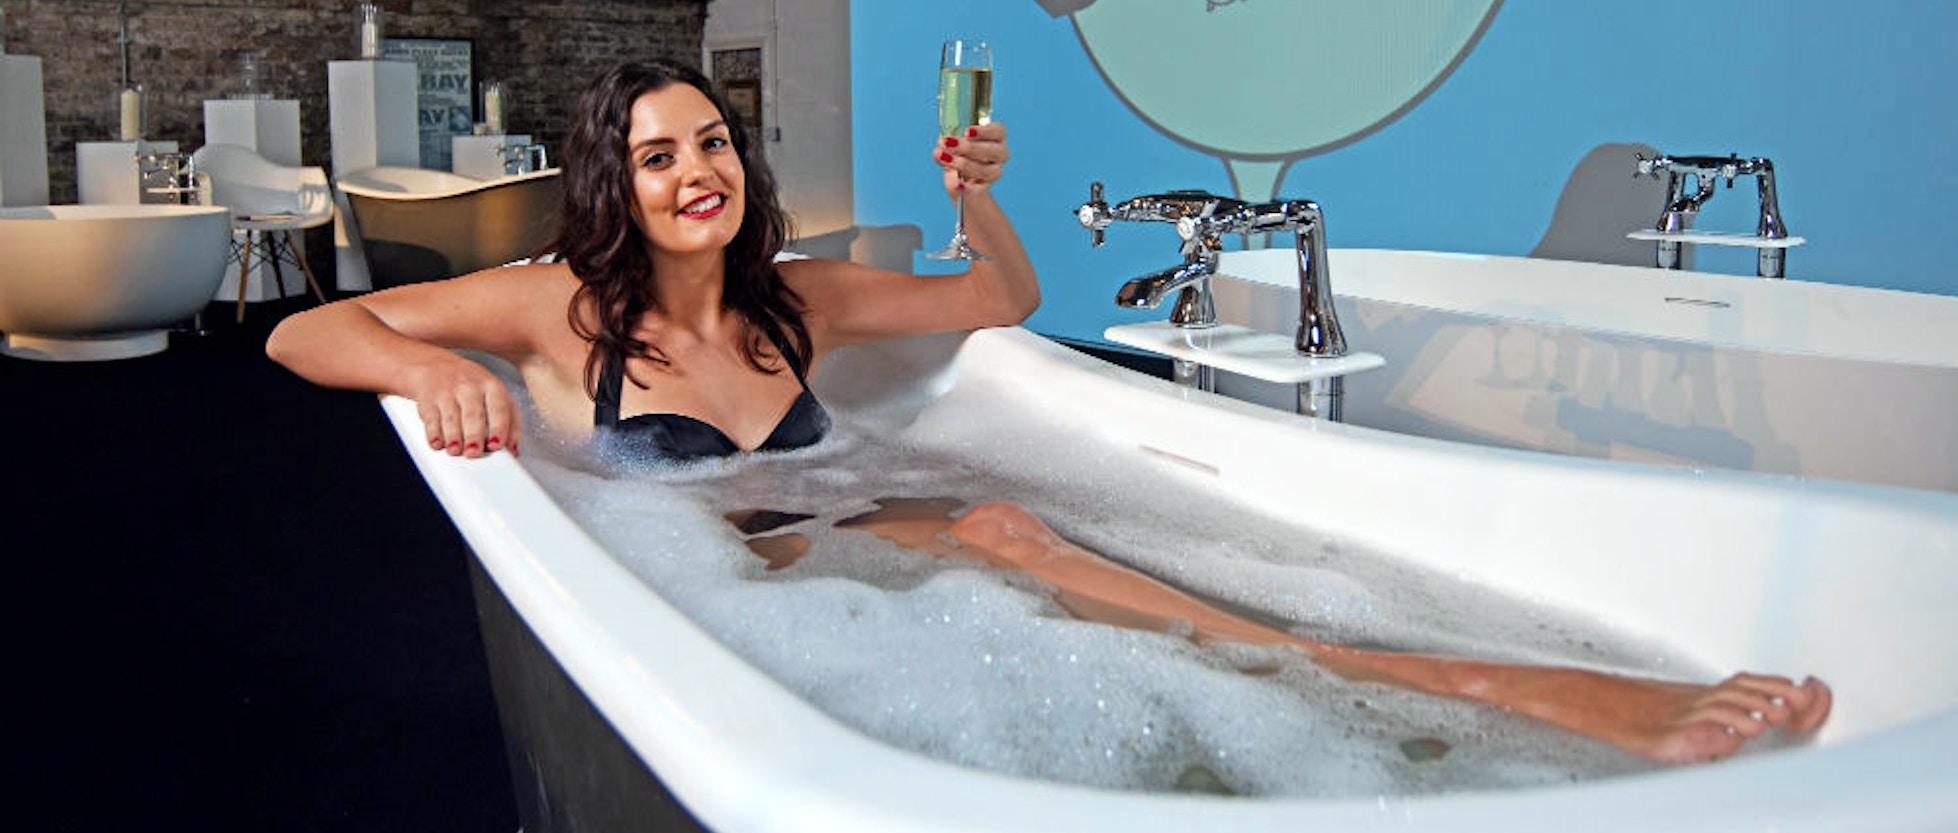 Londra Fiumi Di Champagne E Una Vasca Da Bagno Bubble